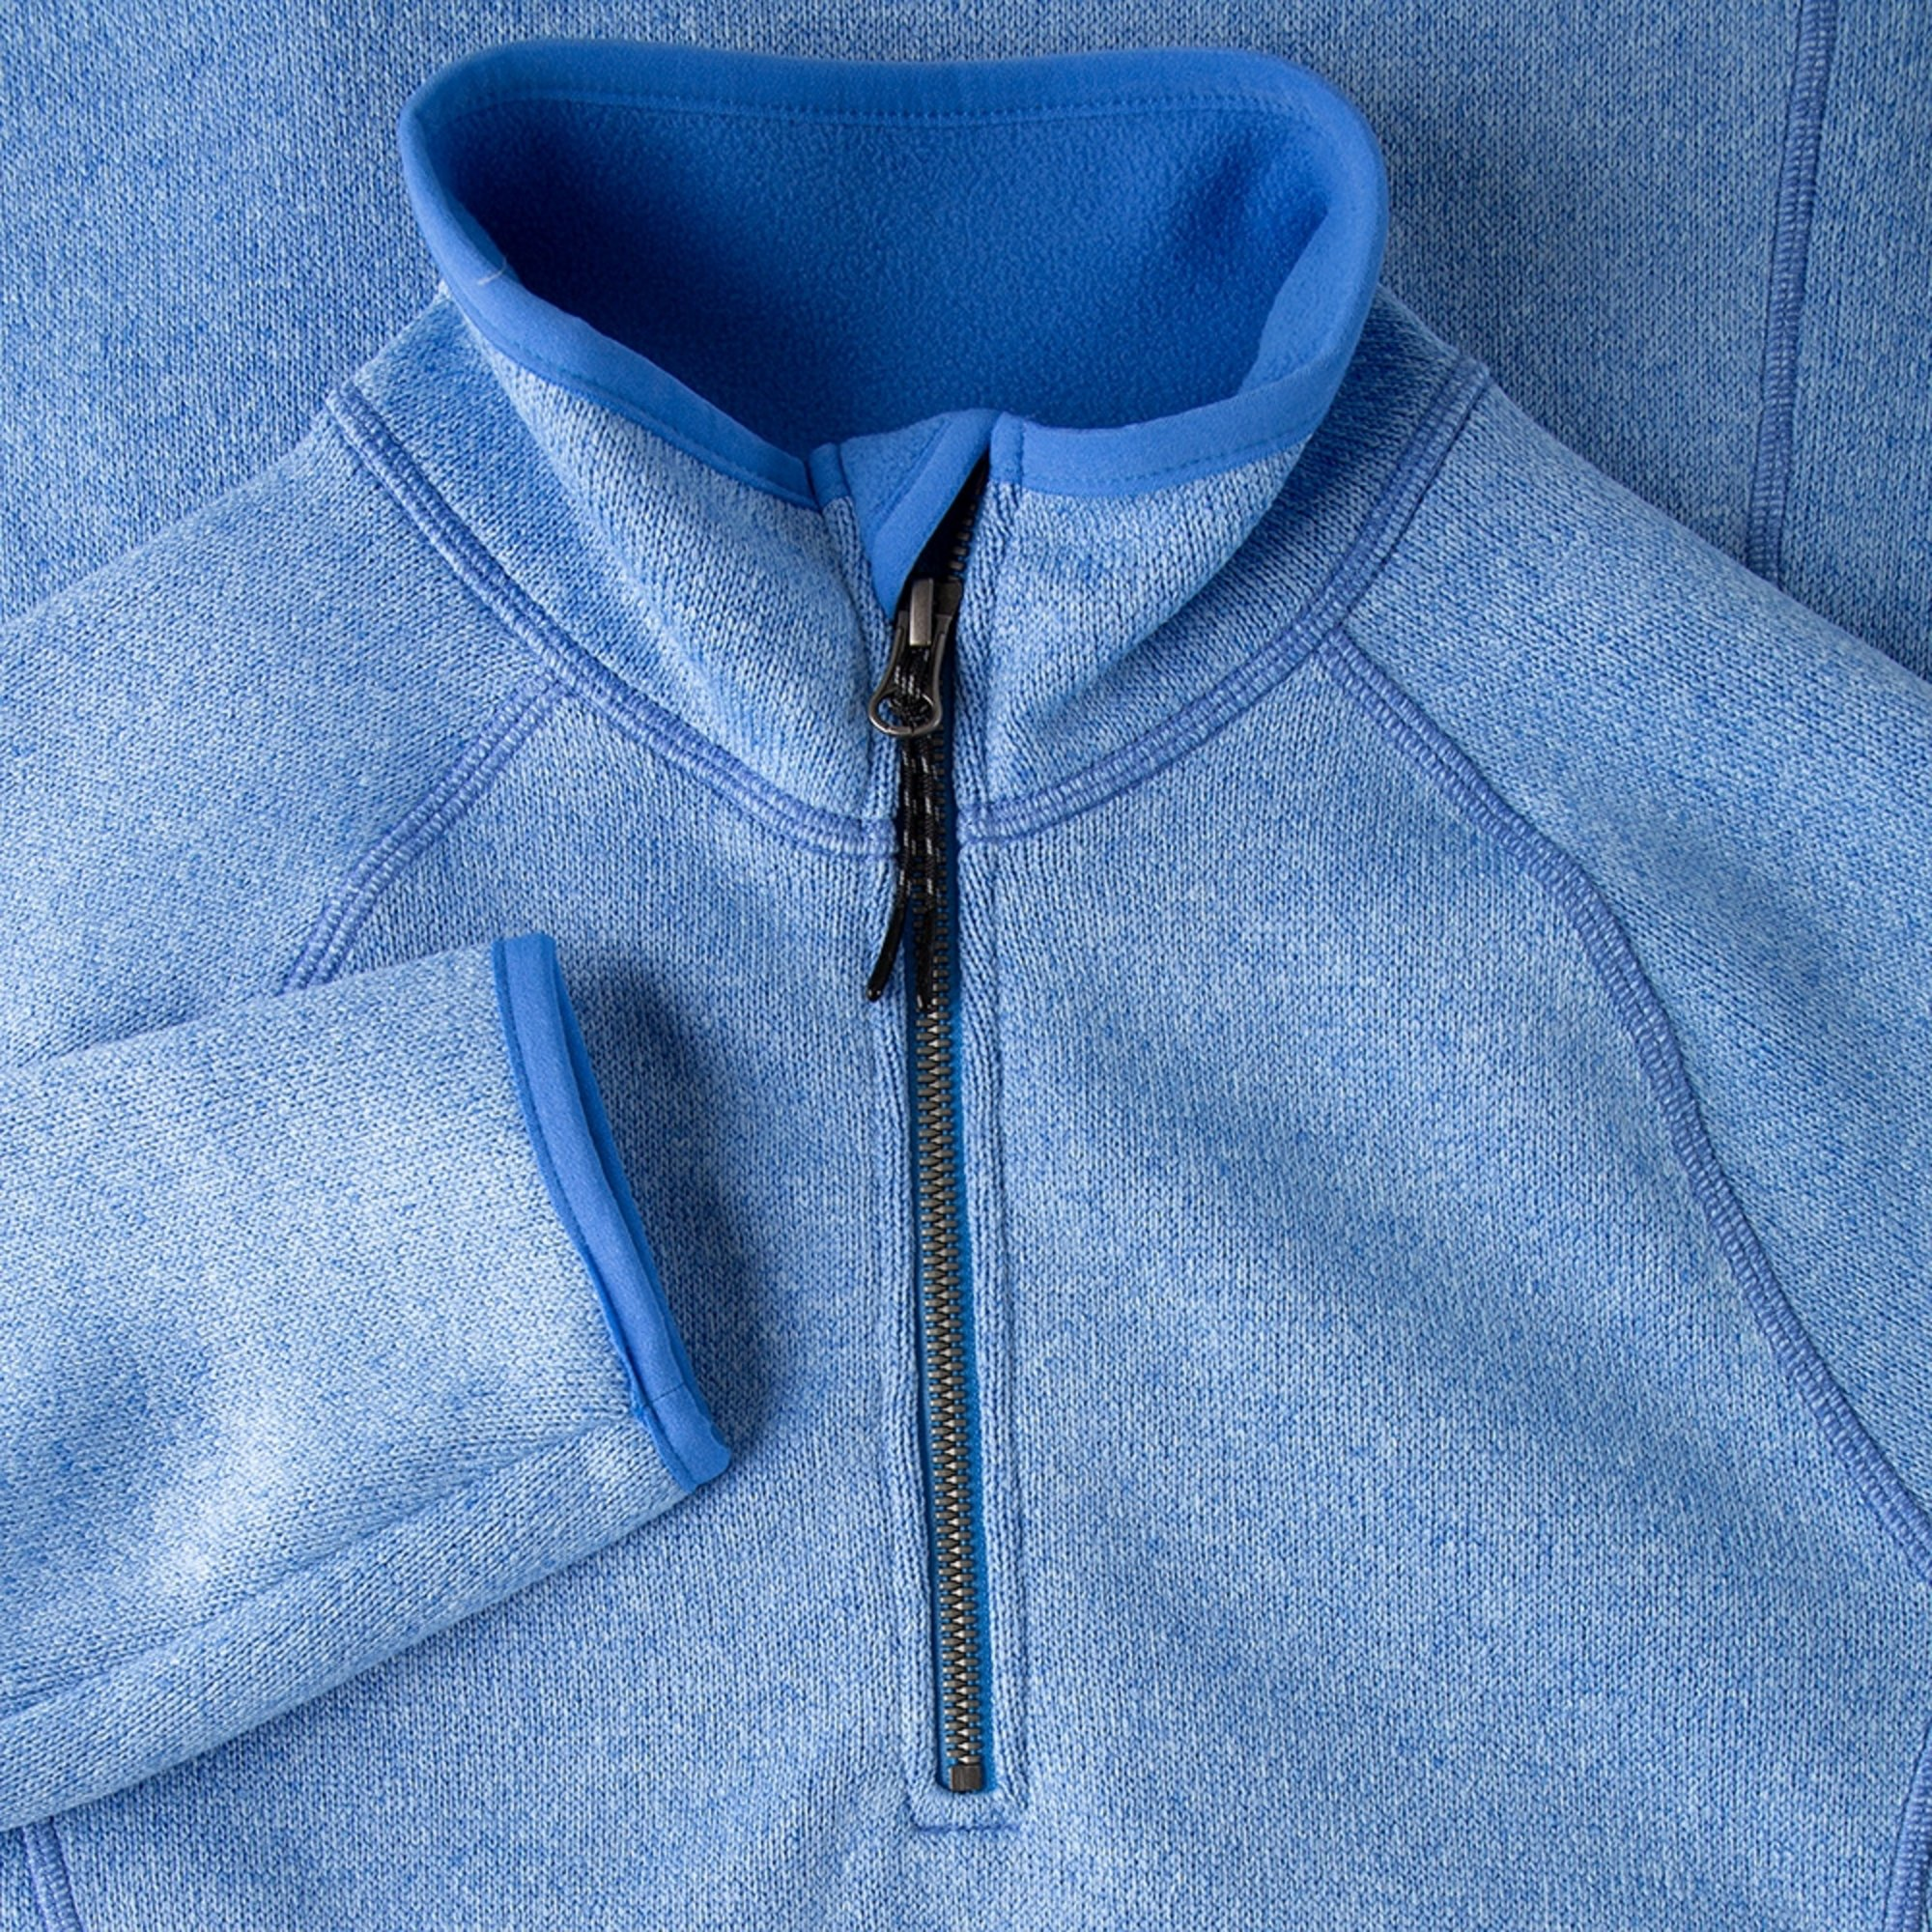 Women's Knit Fleece - 1492W-BLU18-4.jpg